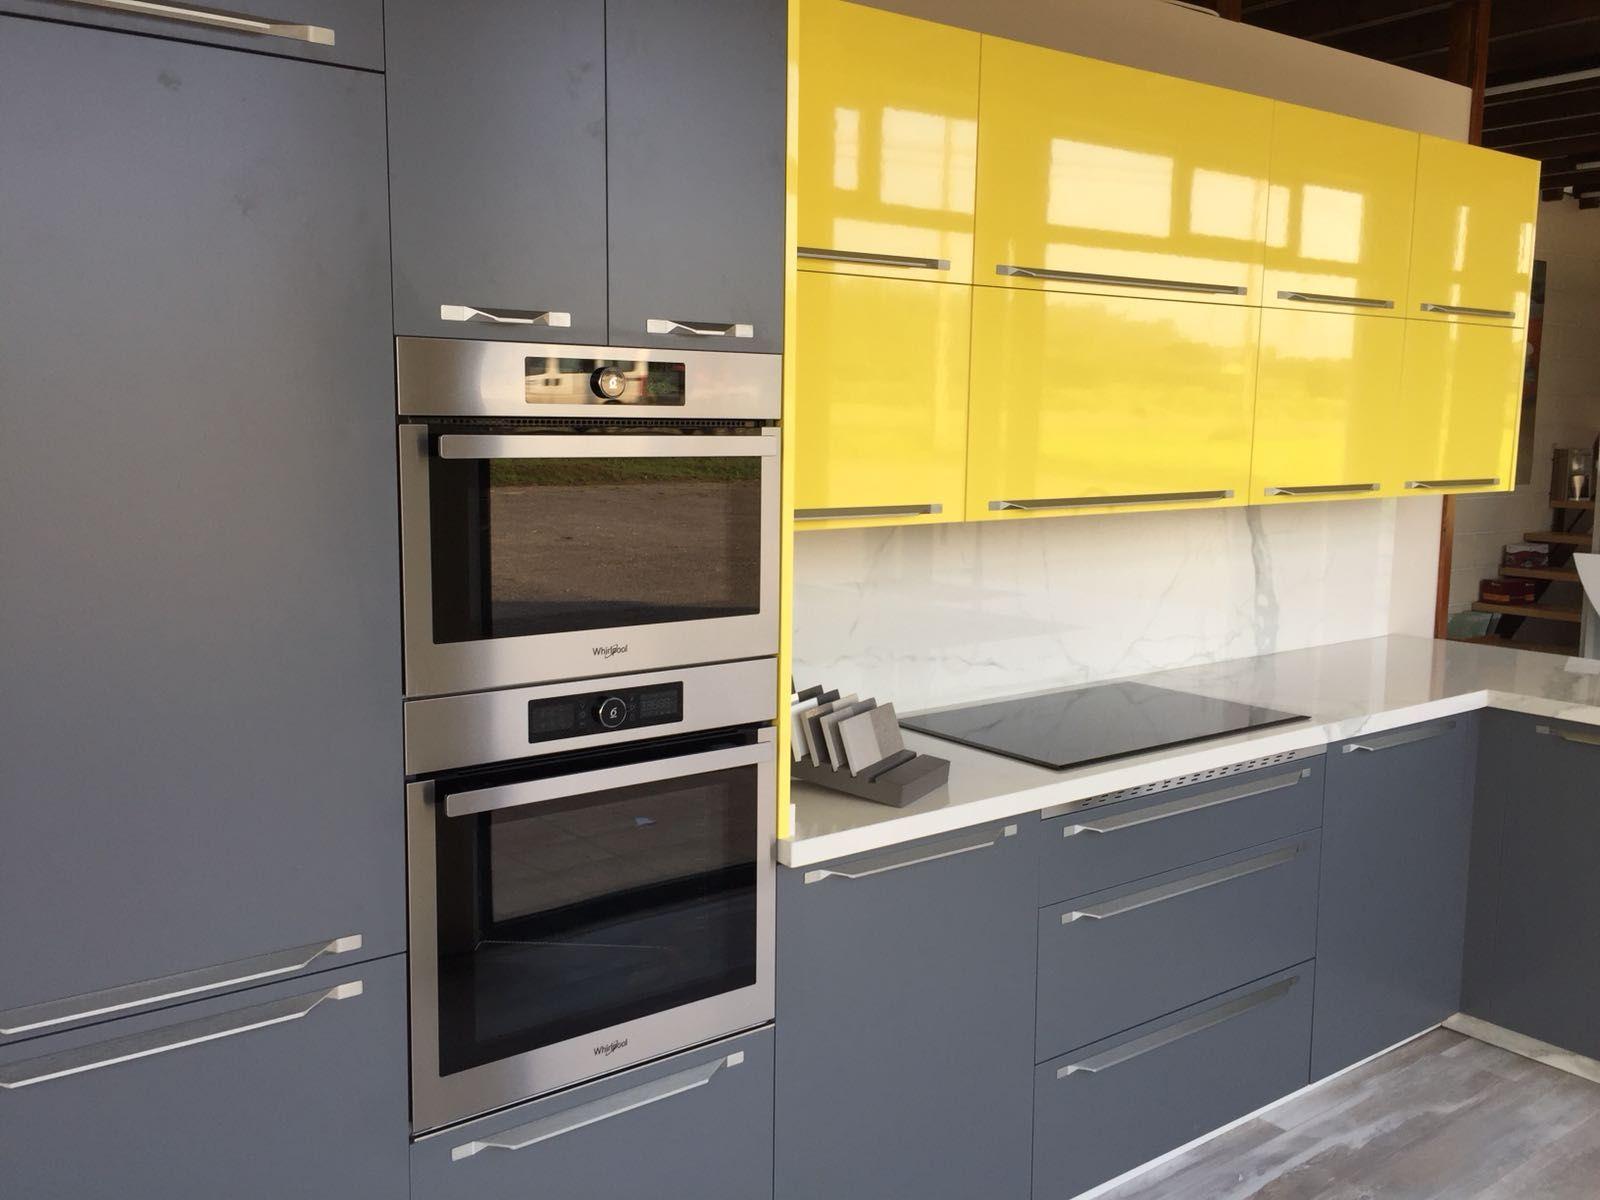 Foto 15 de Muebles de cocina en | Muebles Sacoba